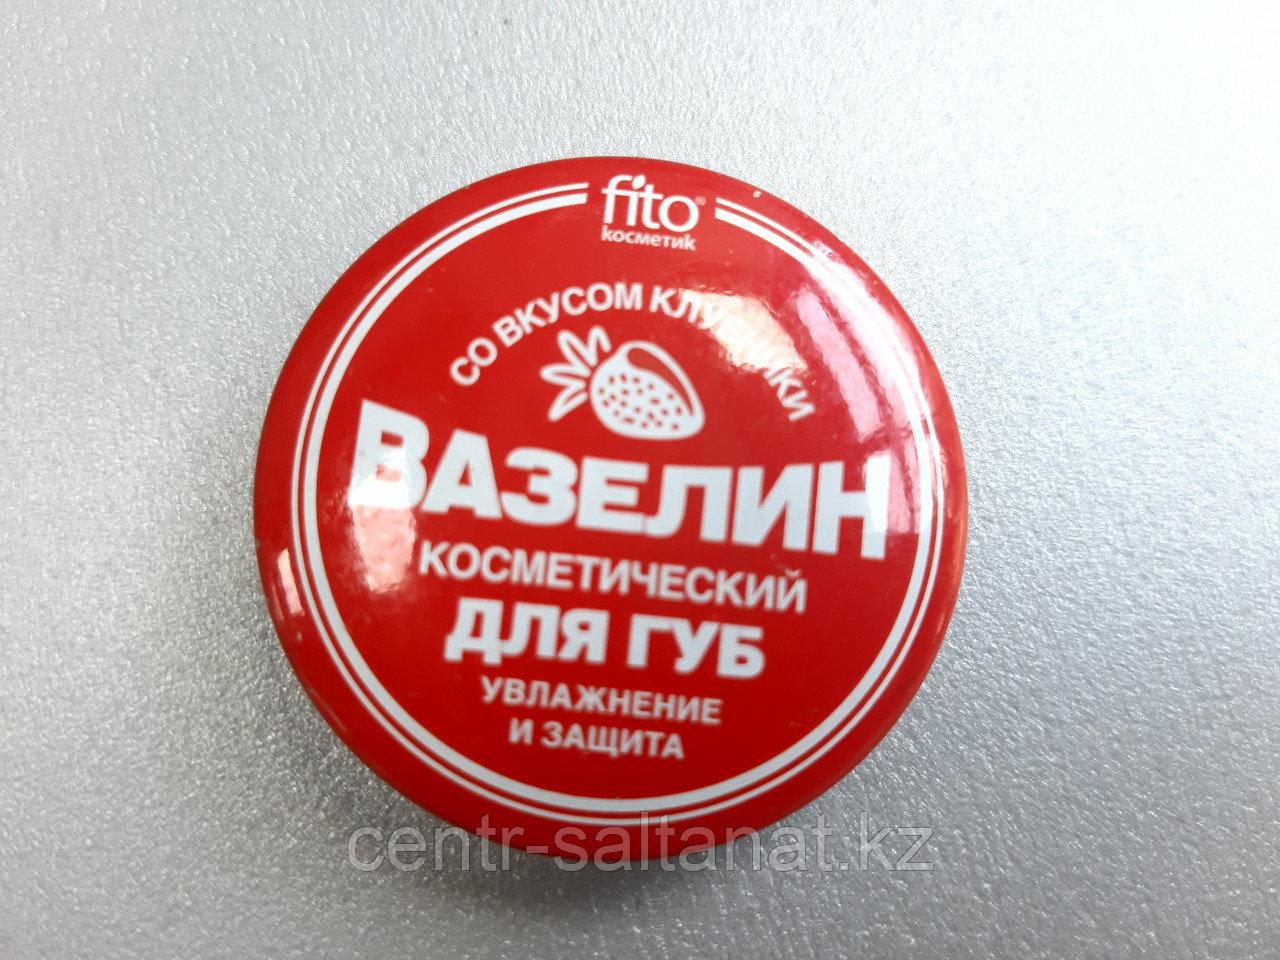 Вазелин косметический для губ 10 г